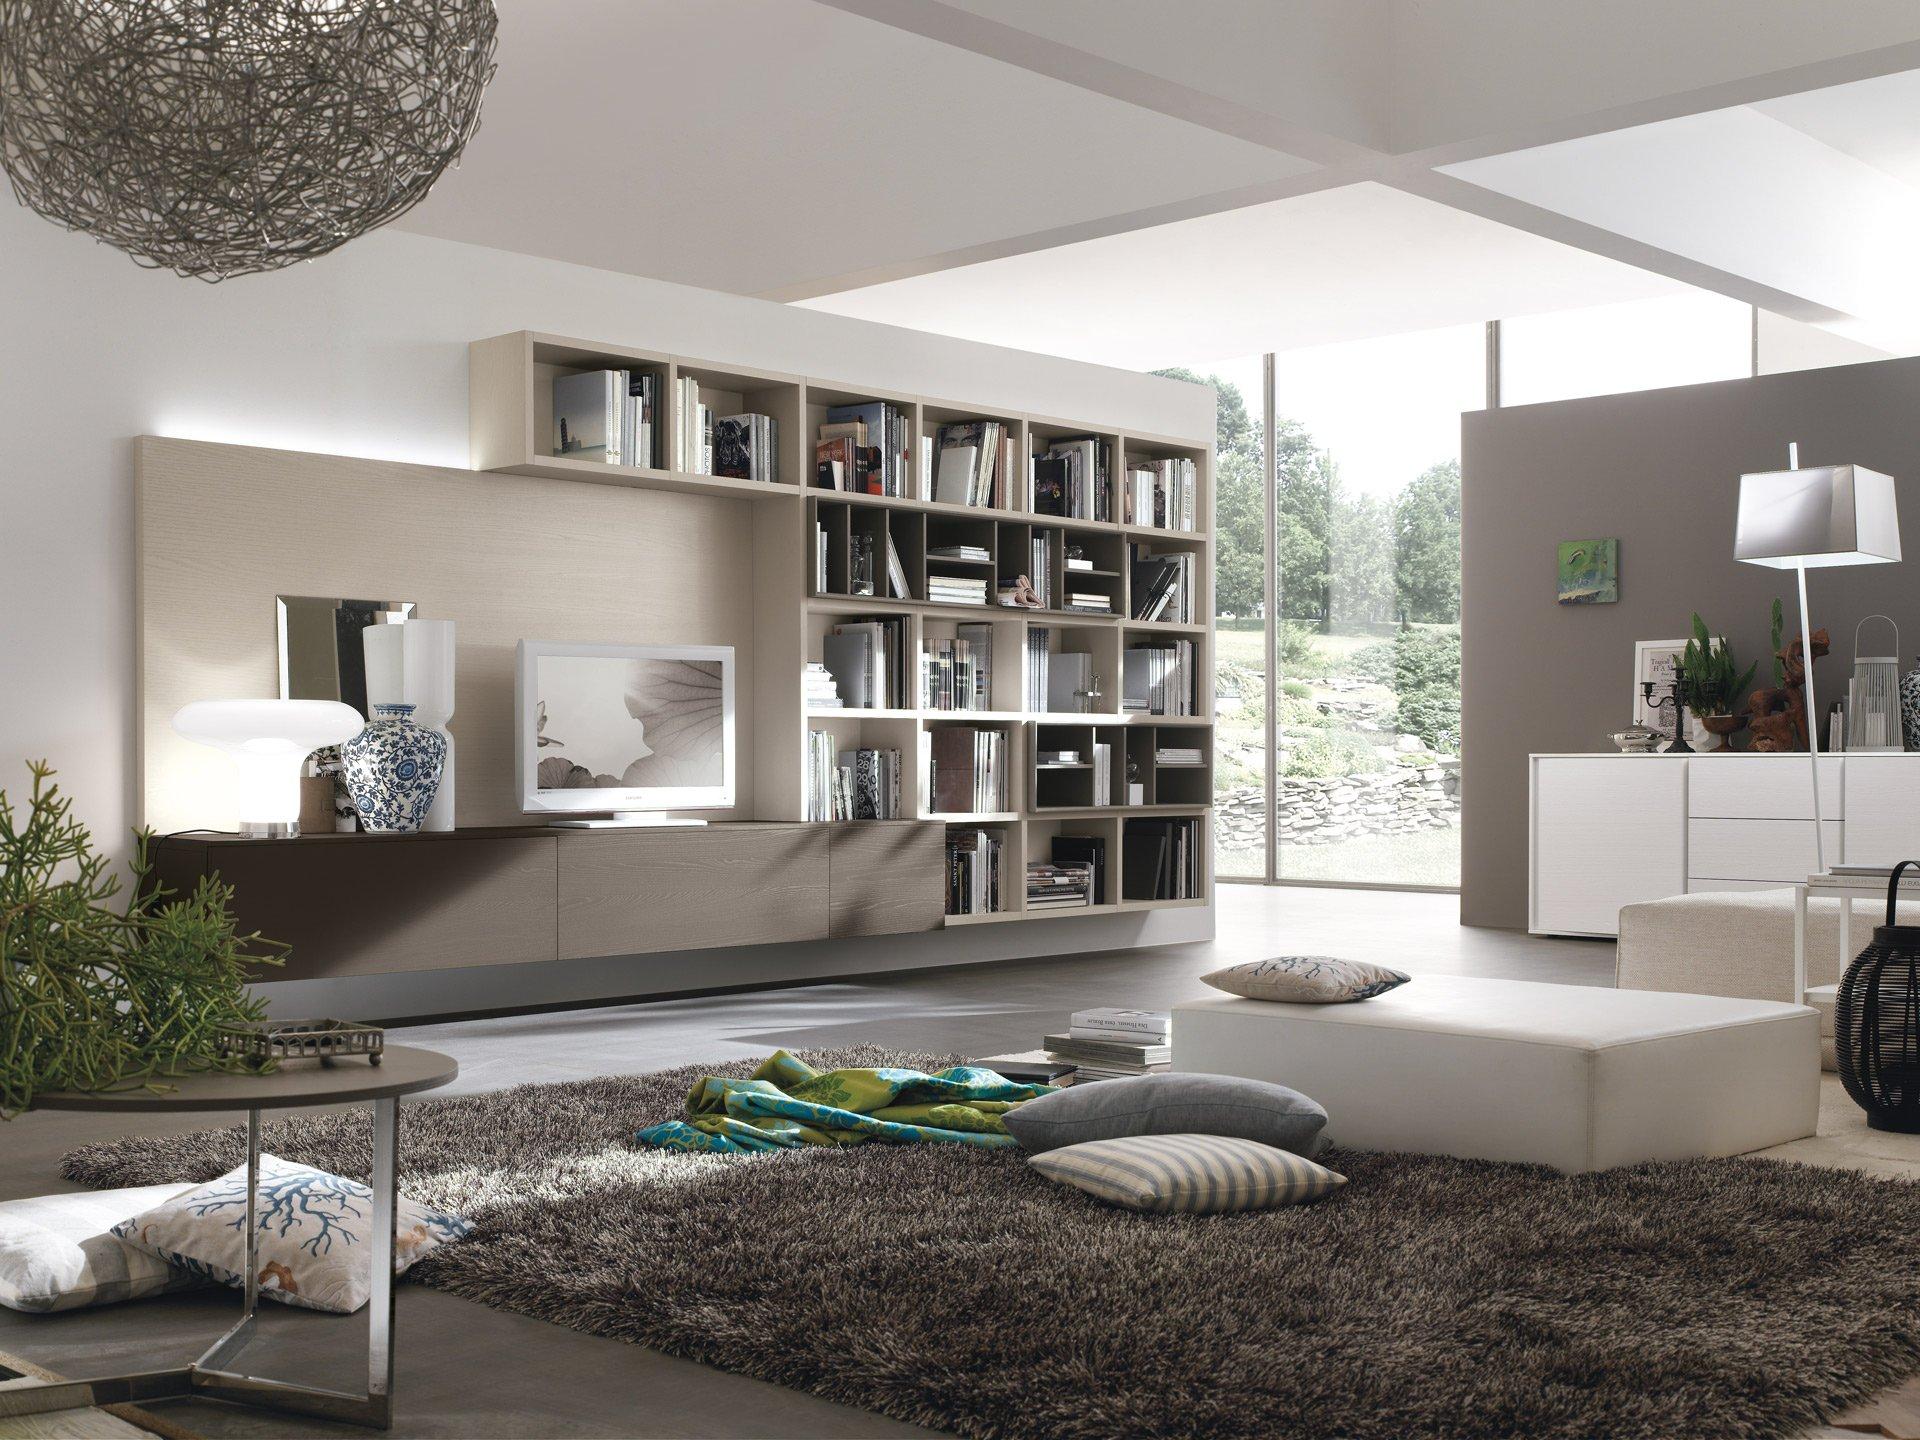 Ispirazioni di cucine soggiorni e altri ambienti interni for Colori pareti soggiorno moderno